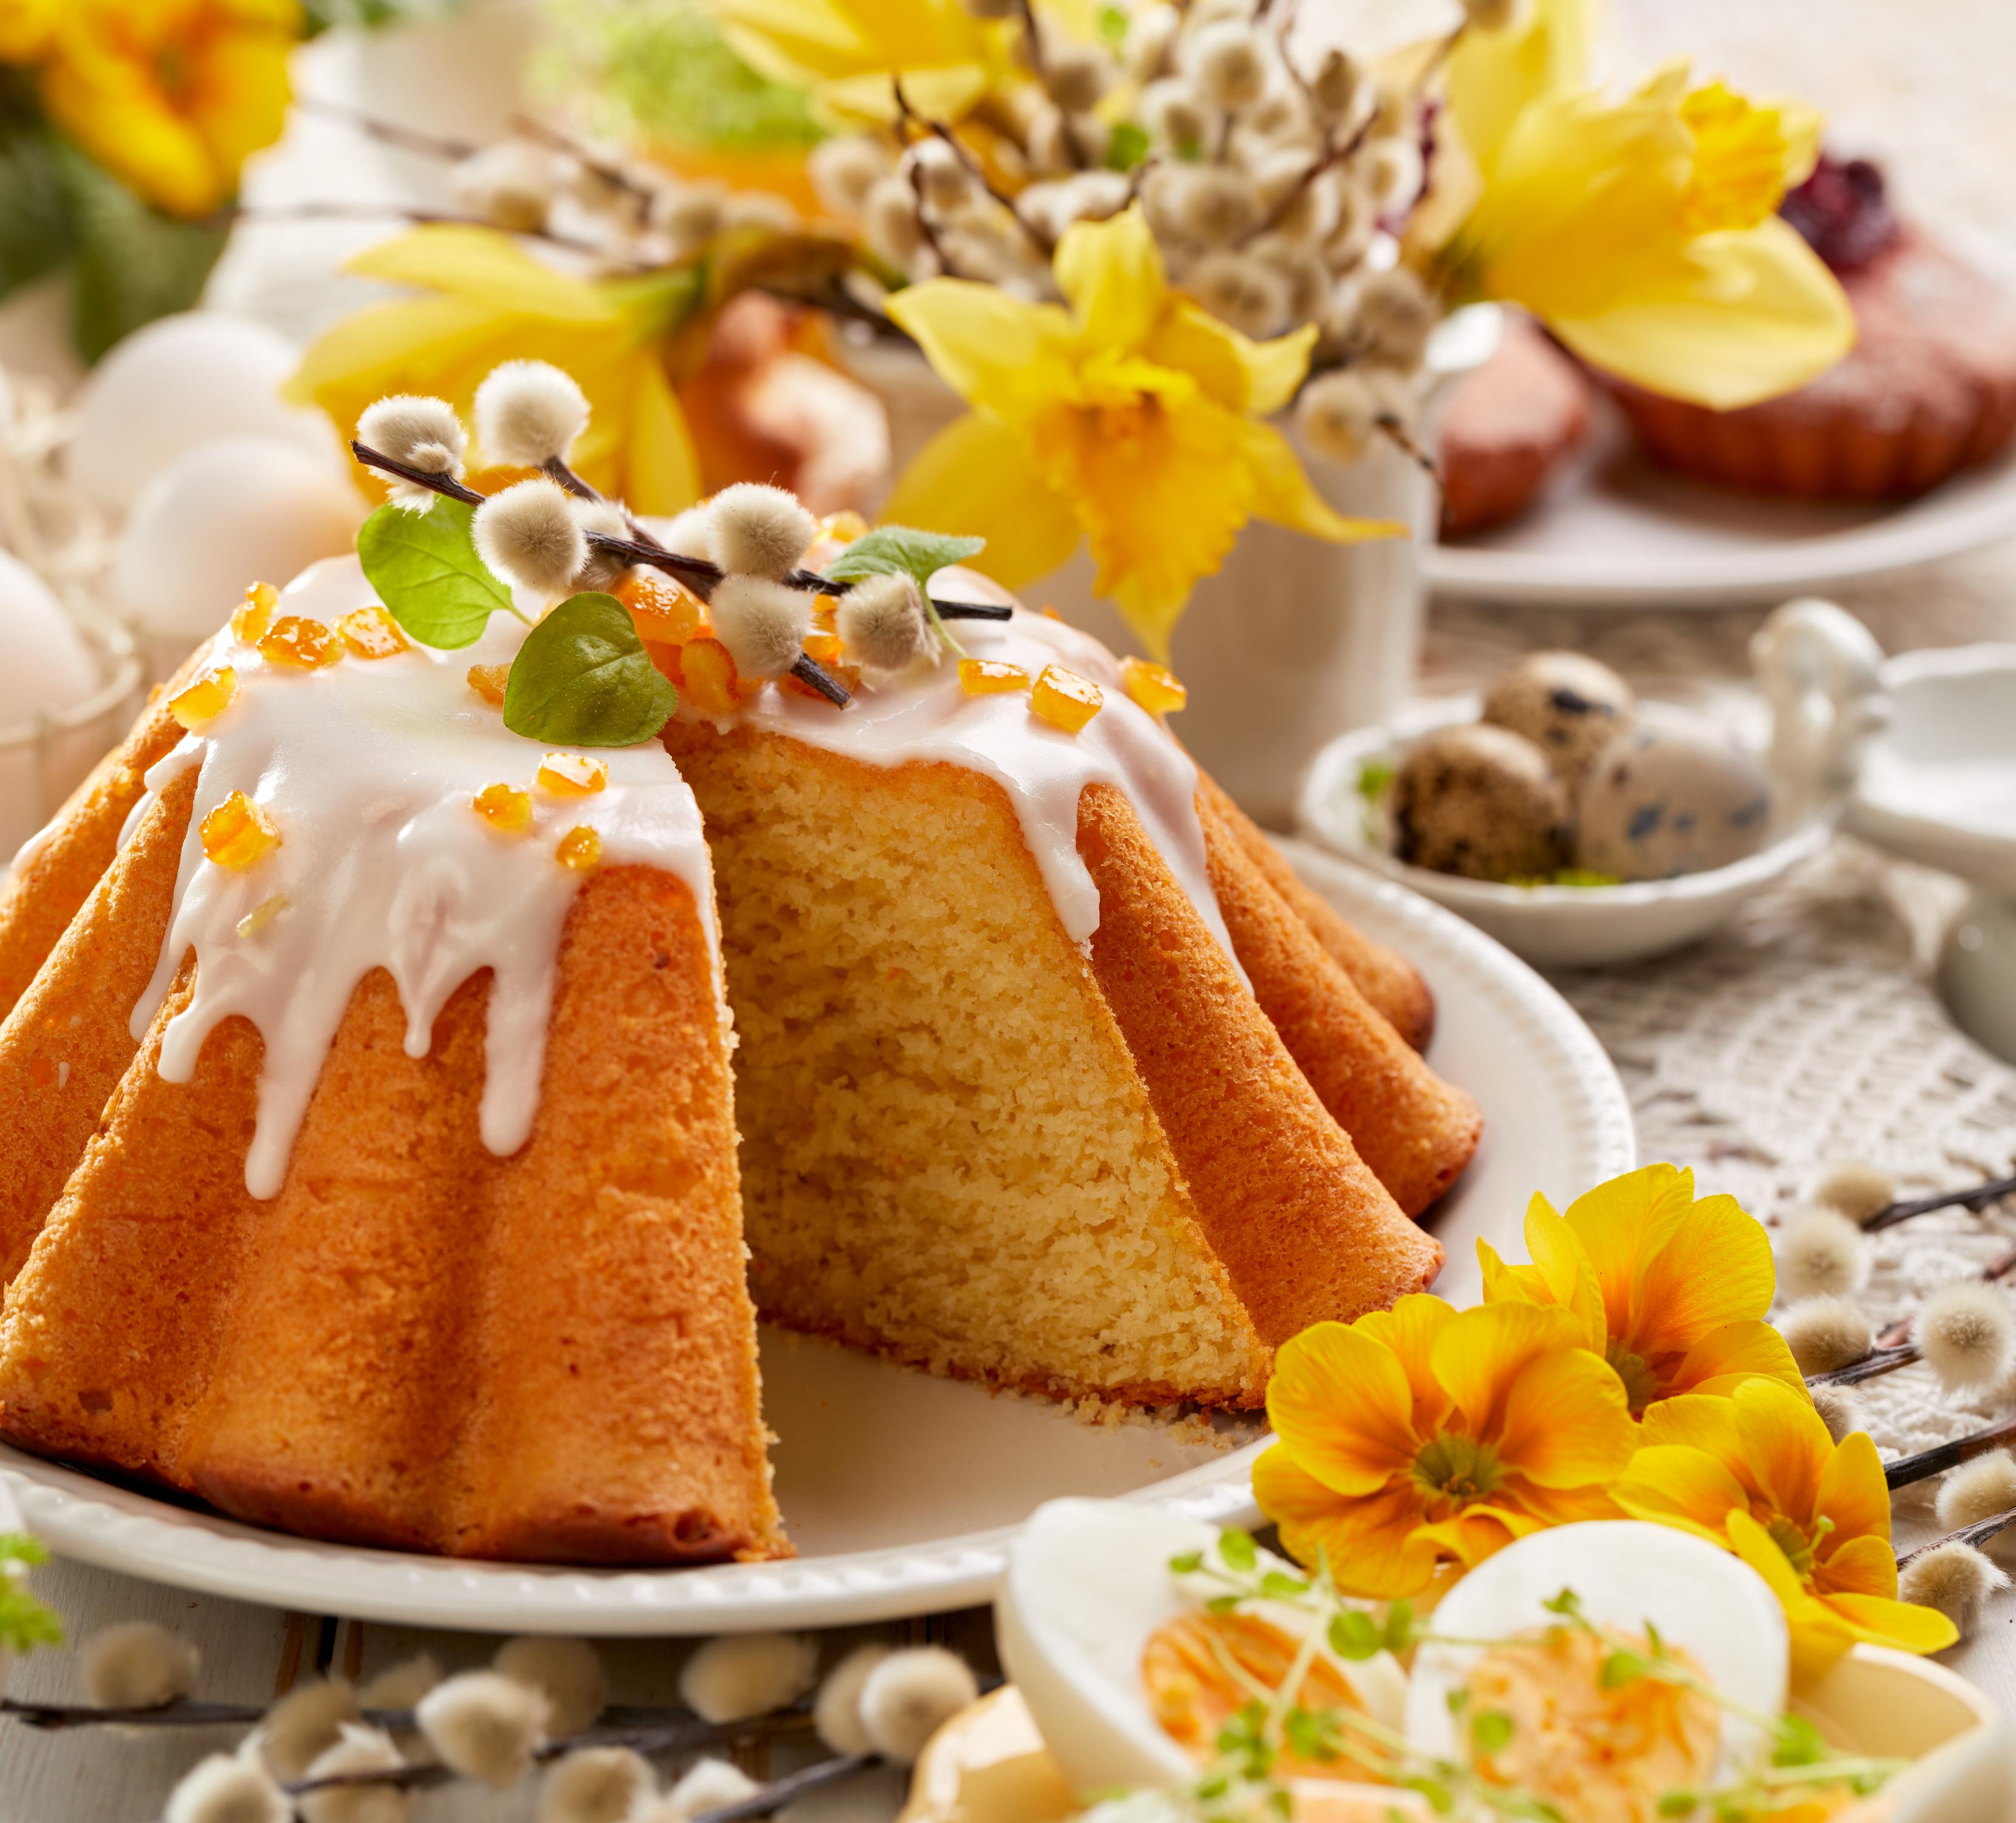 Wielkanoc z tradycjami – jak upiec babkę drożdżową, która zachwyci każdego?